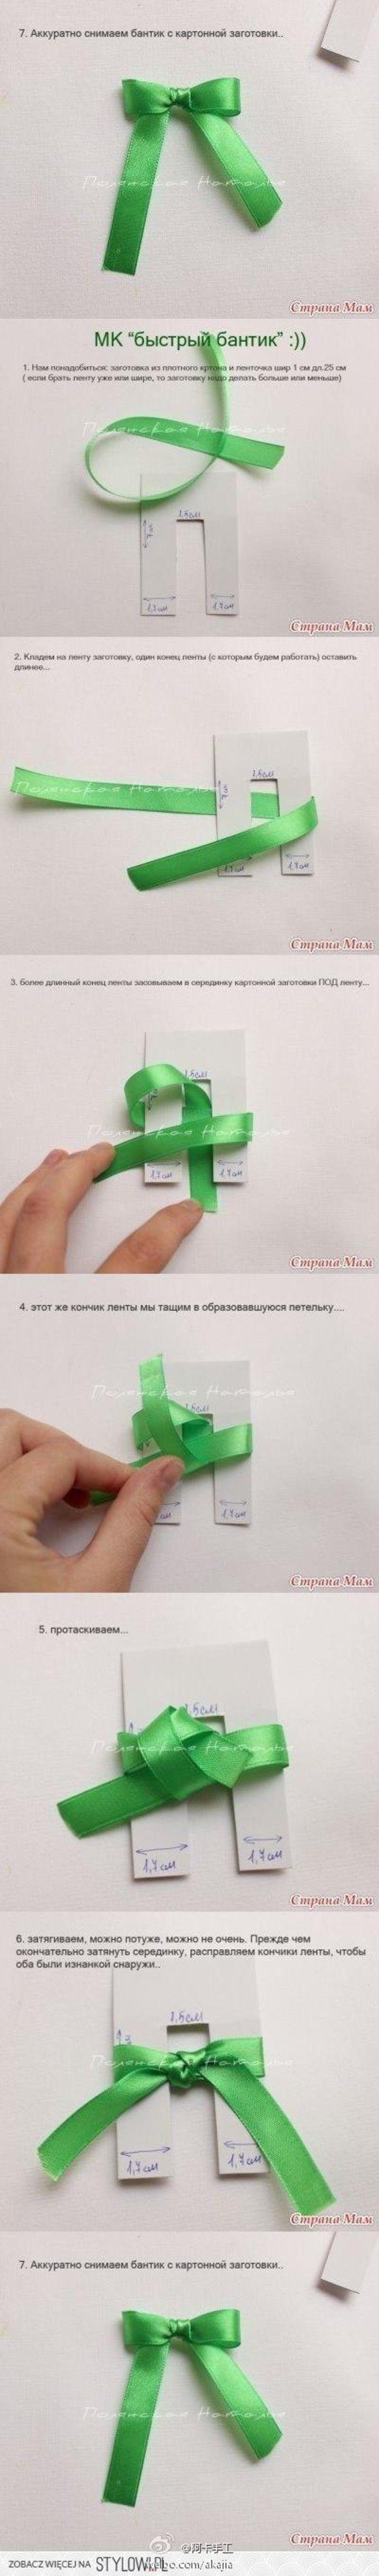 9个关于蝴蝶结的创意DIY,喜欢就收走吧~